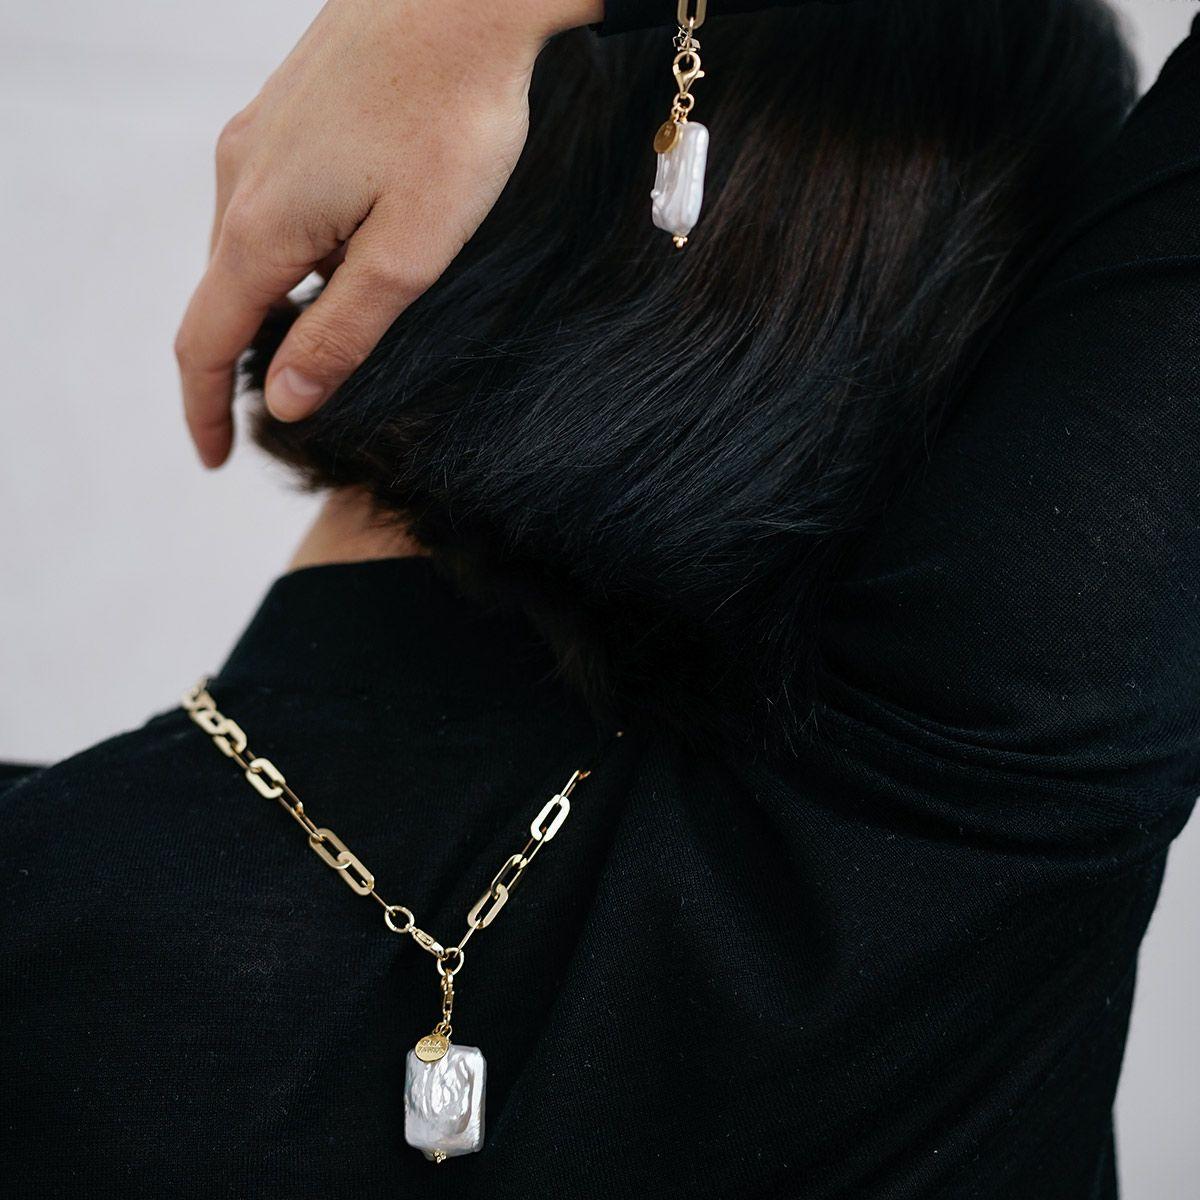 Eva - Kettenanhänger - Silber